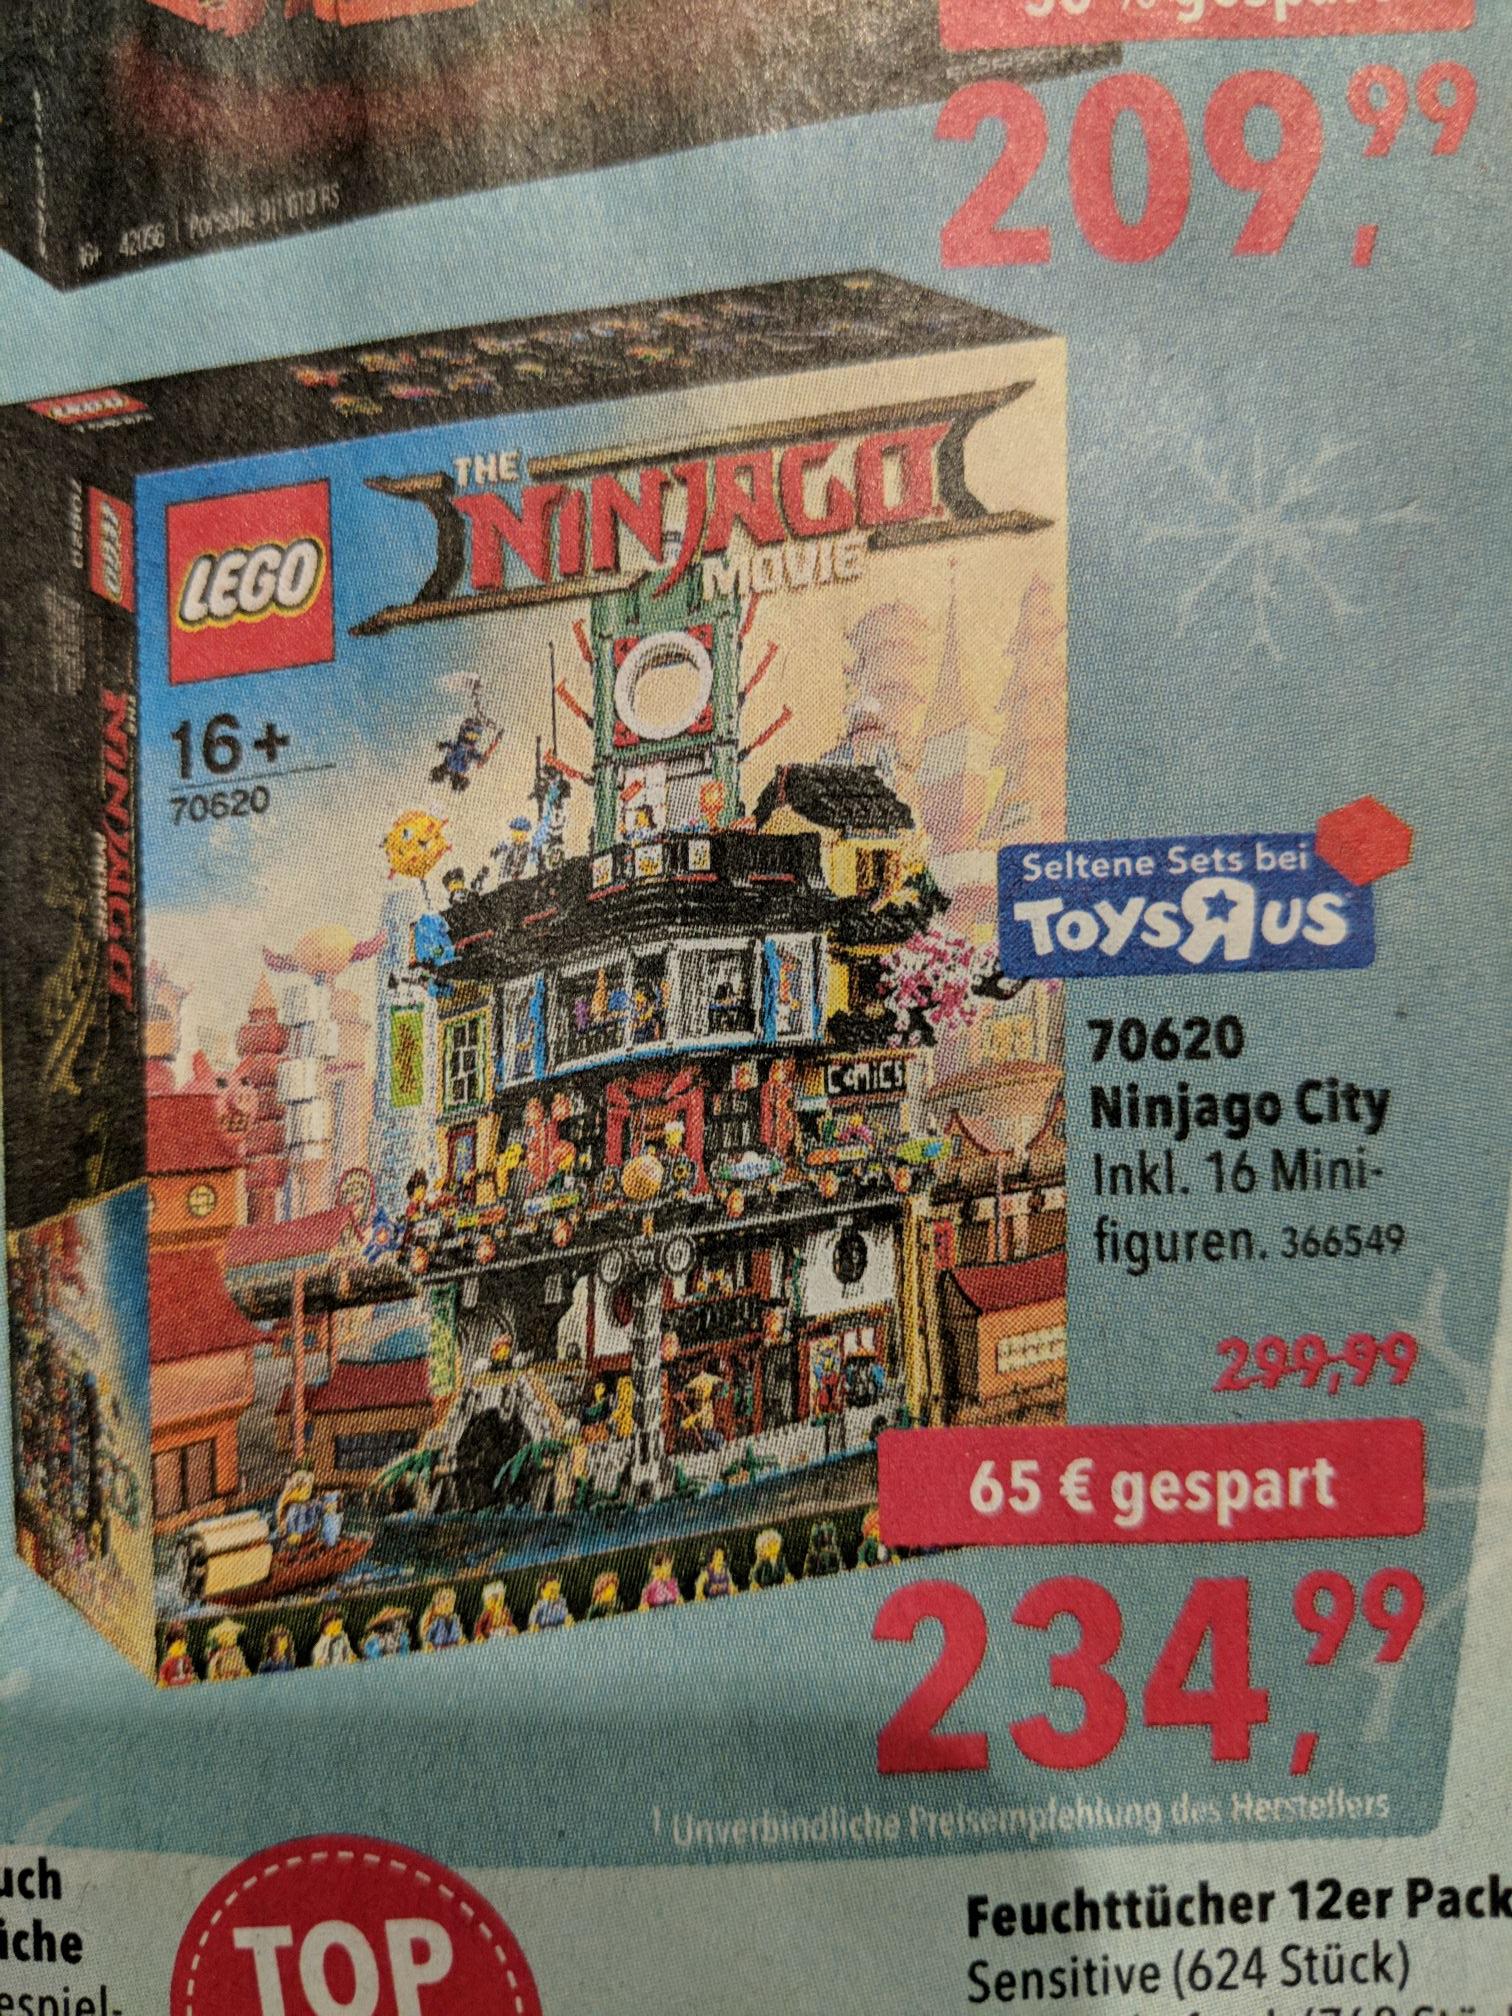 Lego 70620 Ninjago City bei Toys'r'us ab 26.11.